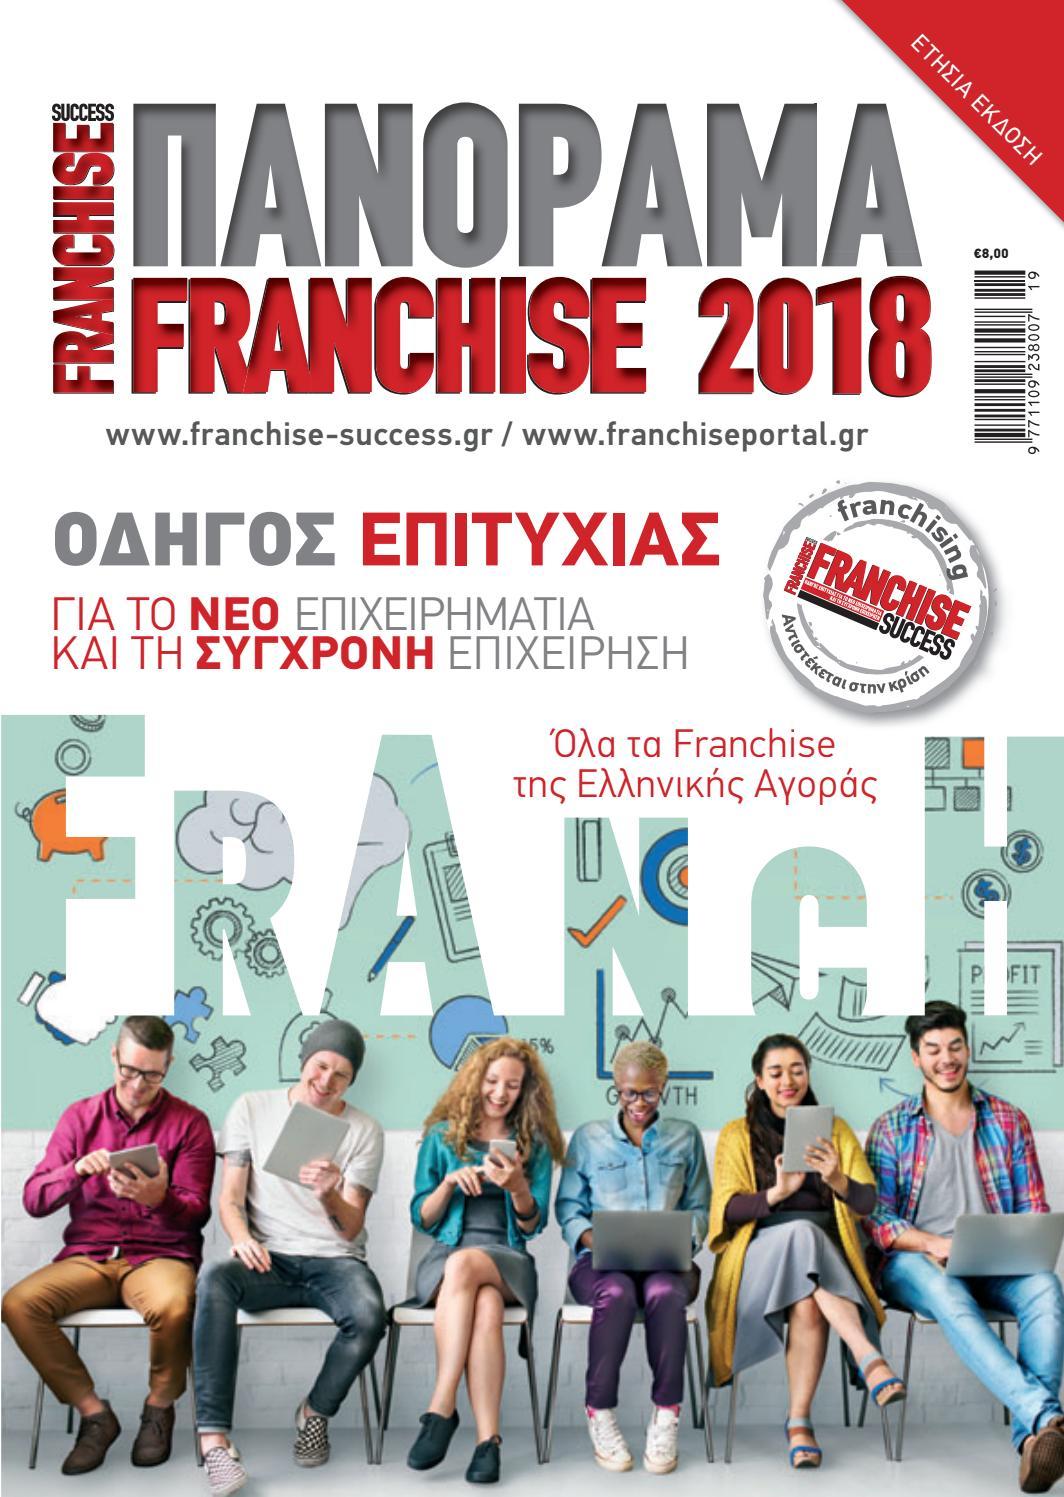 Πανόραμα Franchise 2018 - ο πλέον ενημερωμένος οδηγός για το franchising by  franchise success - issuu 82caa7770d4